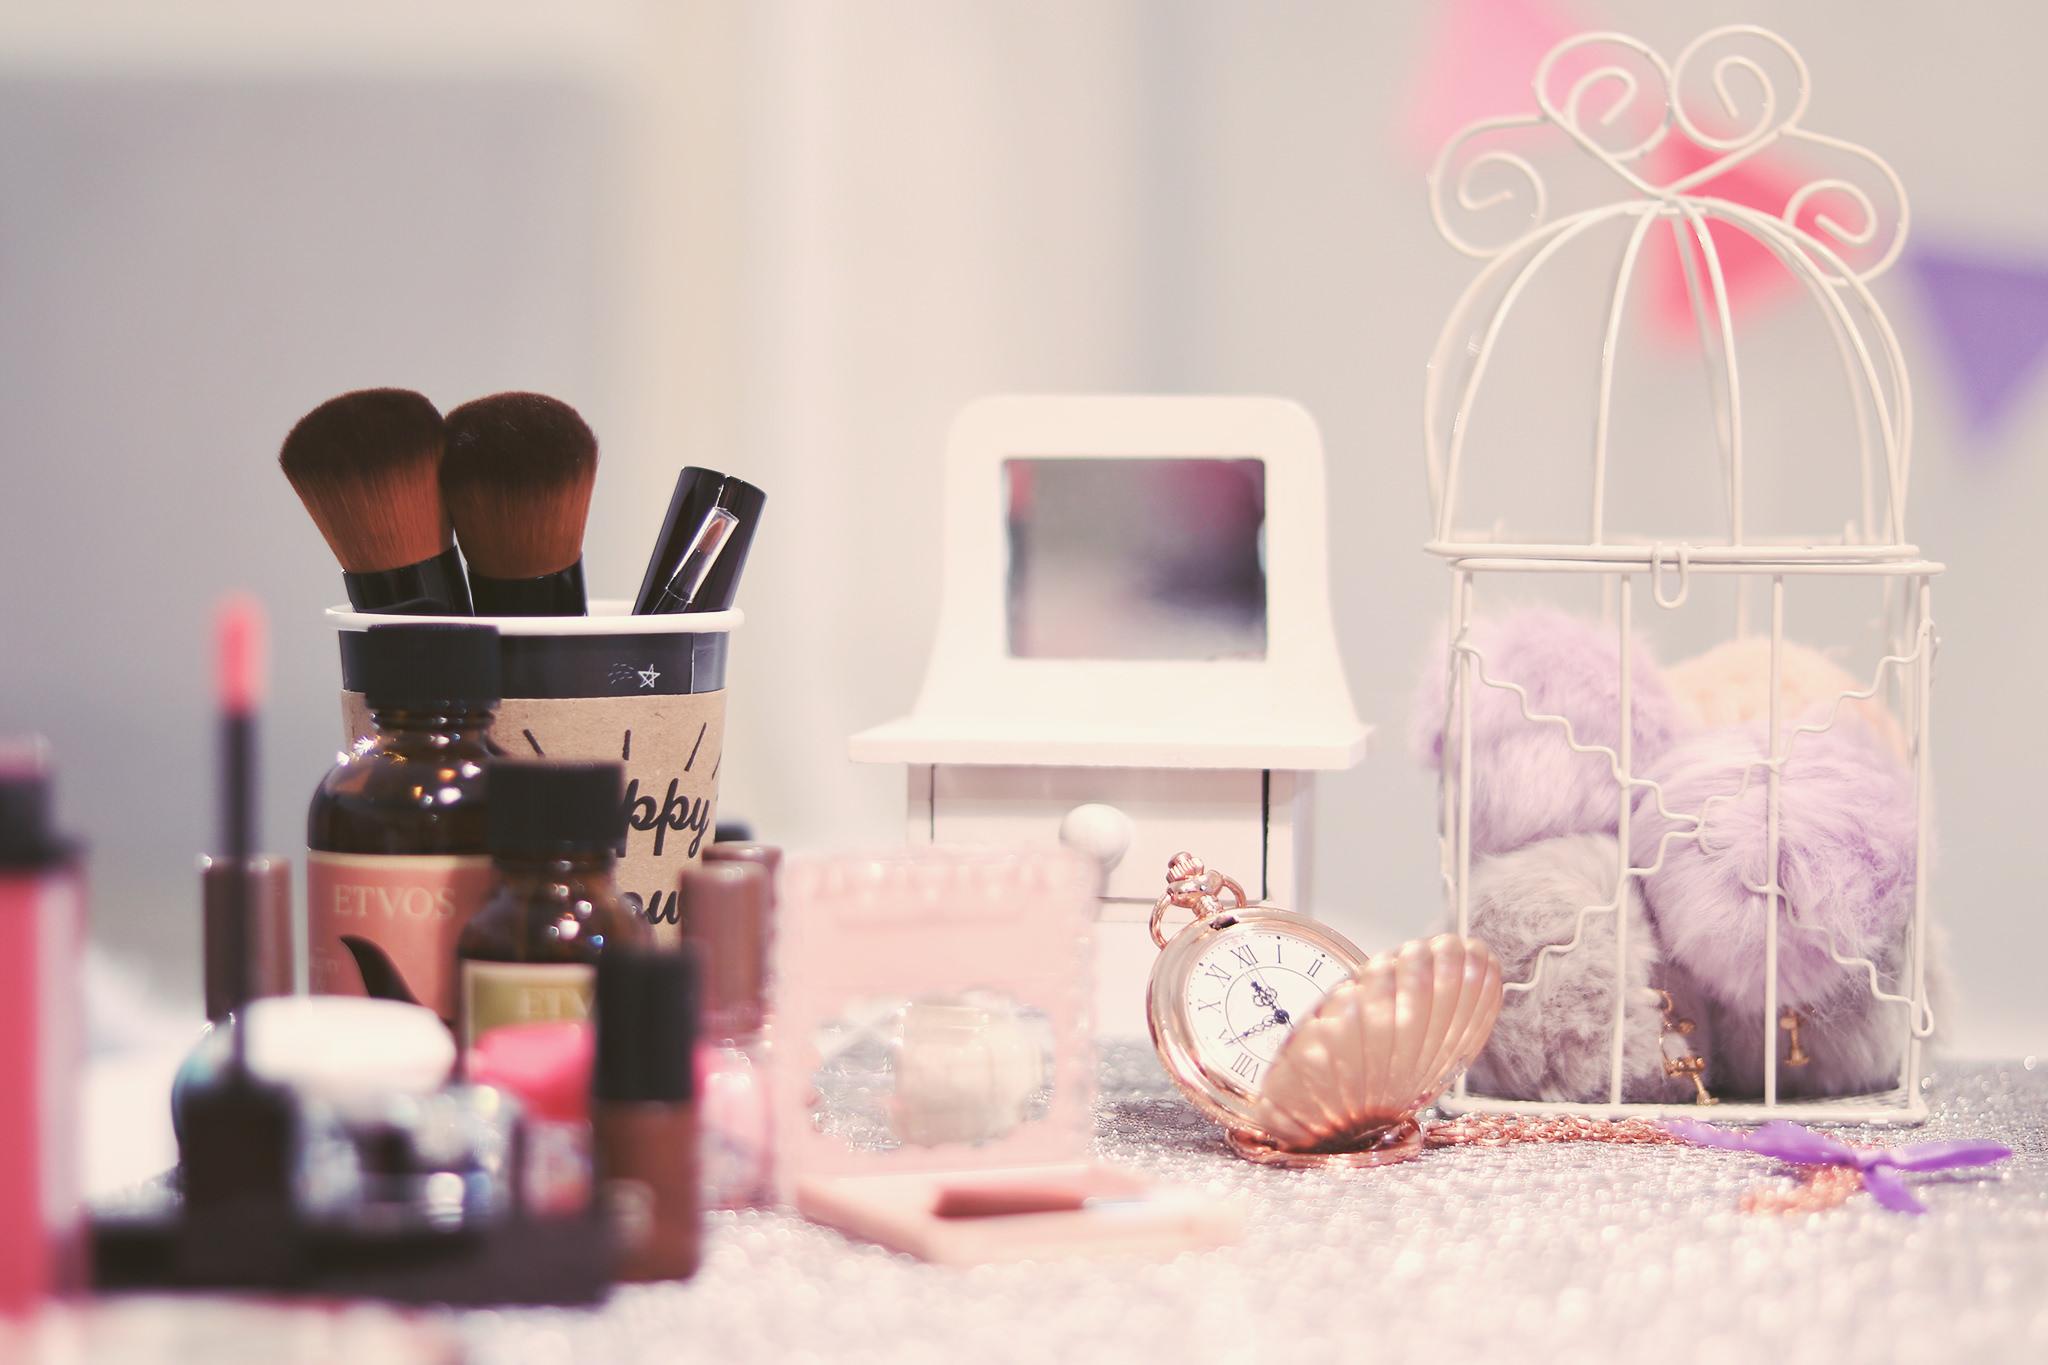 無料で化粧品などを手に入れて美容代を抑える方法